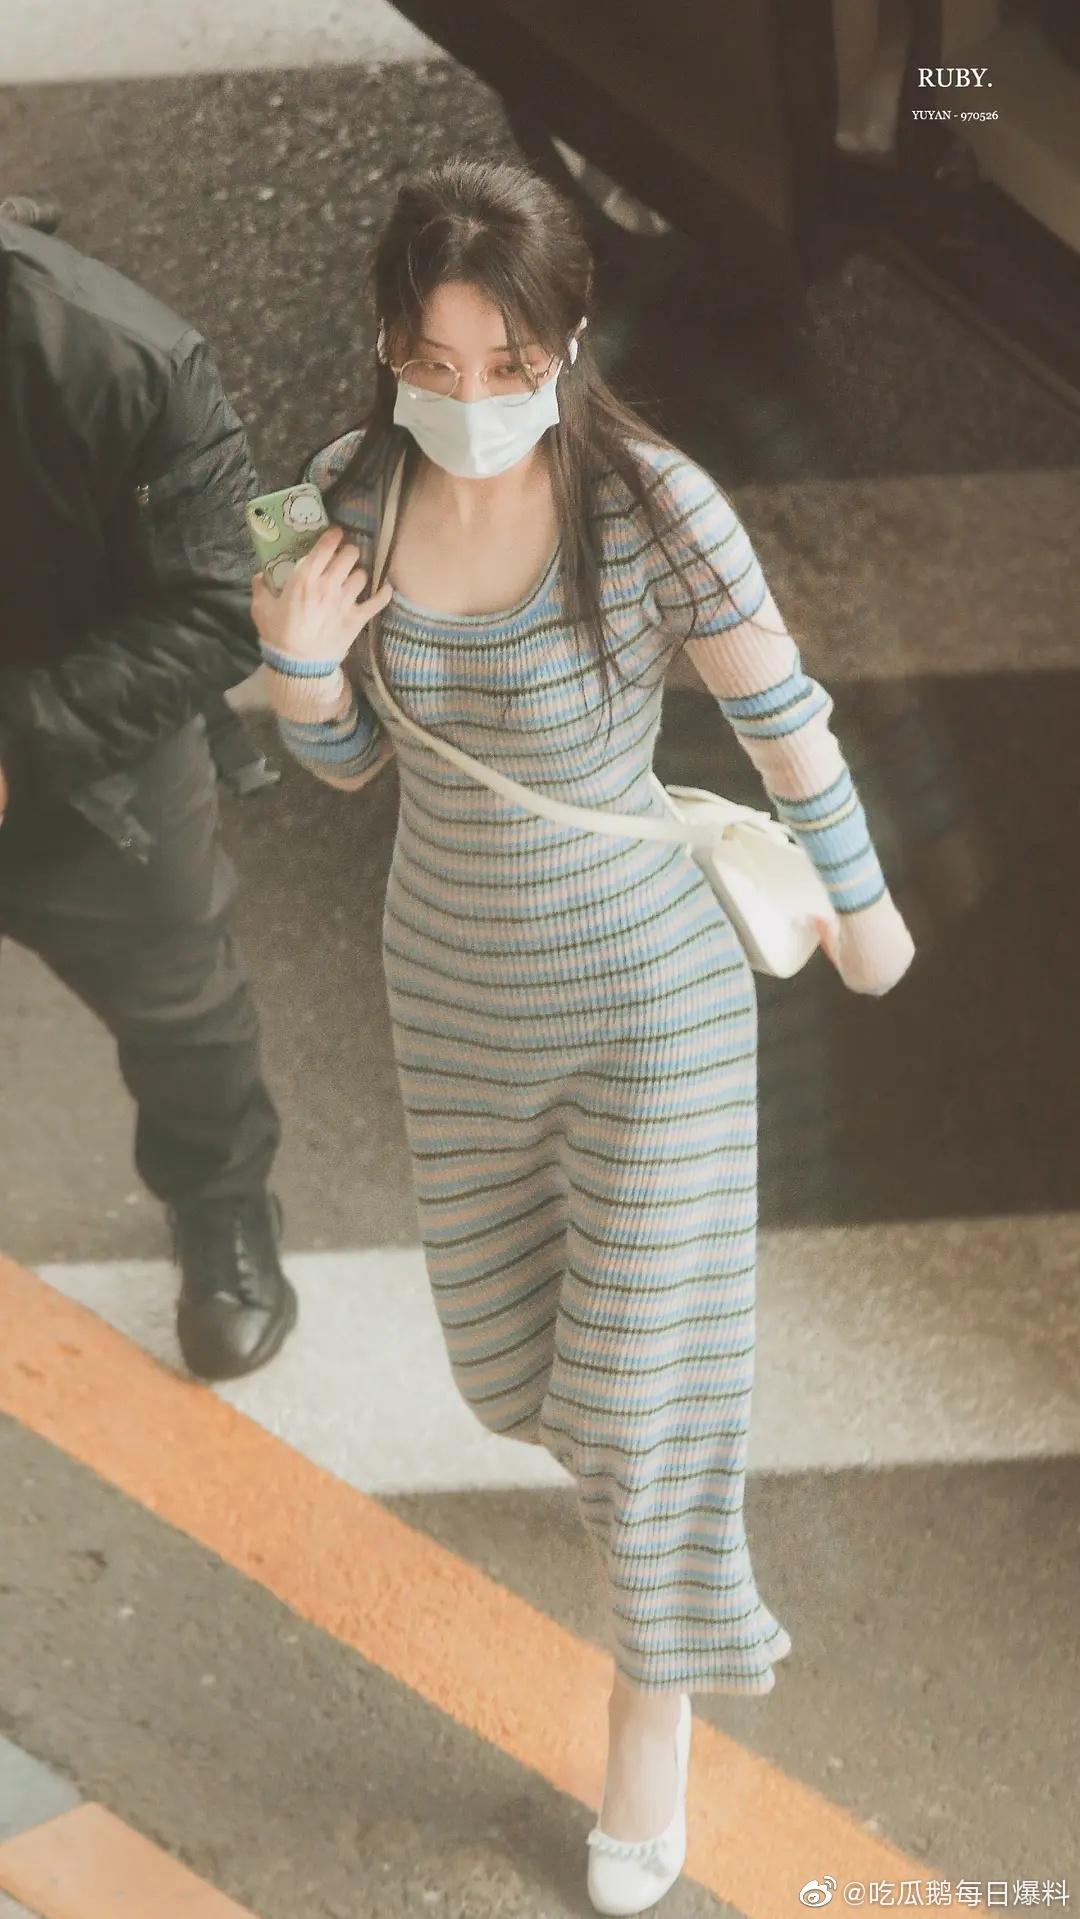 Mỹ nhân xứ Trung khoe đường cong với váy len bó sát gợi cảm. Dụ Ngôn từng lên hot search nhờ thân hình nóng bỏng.